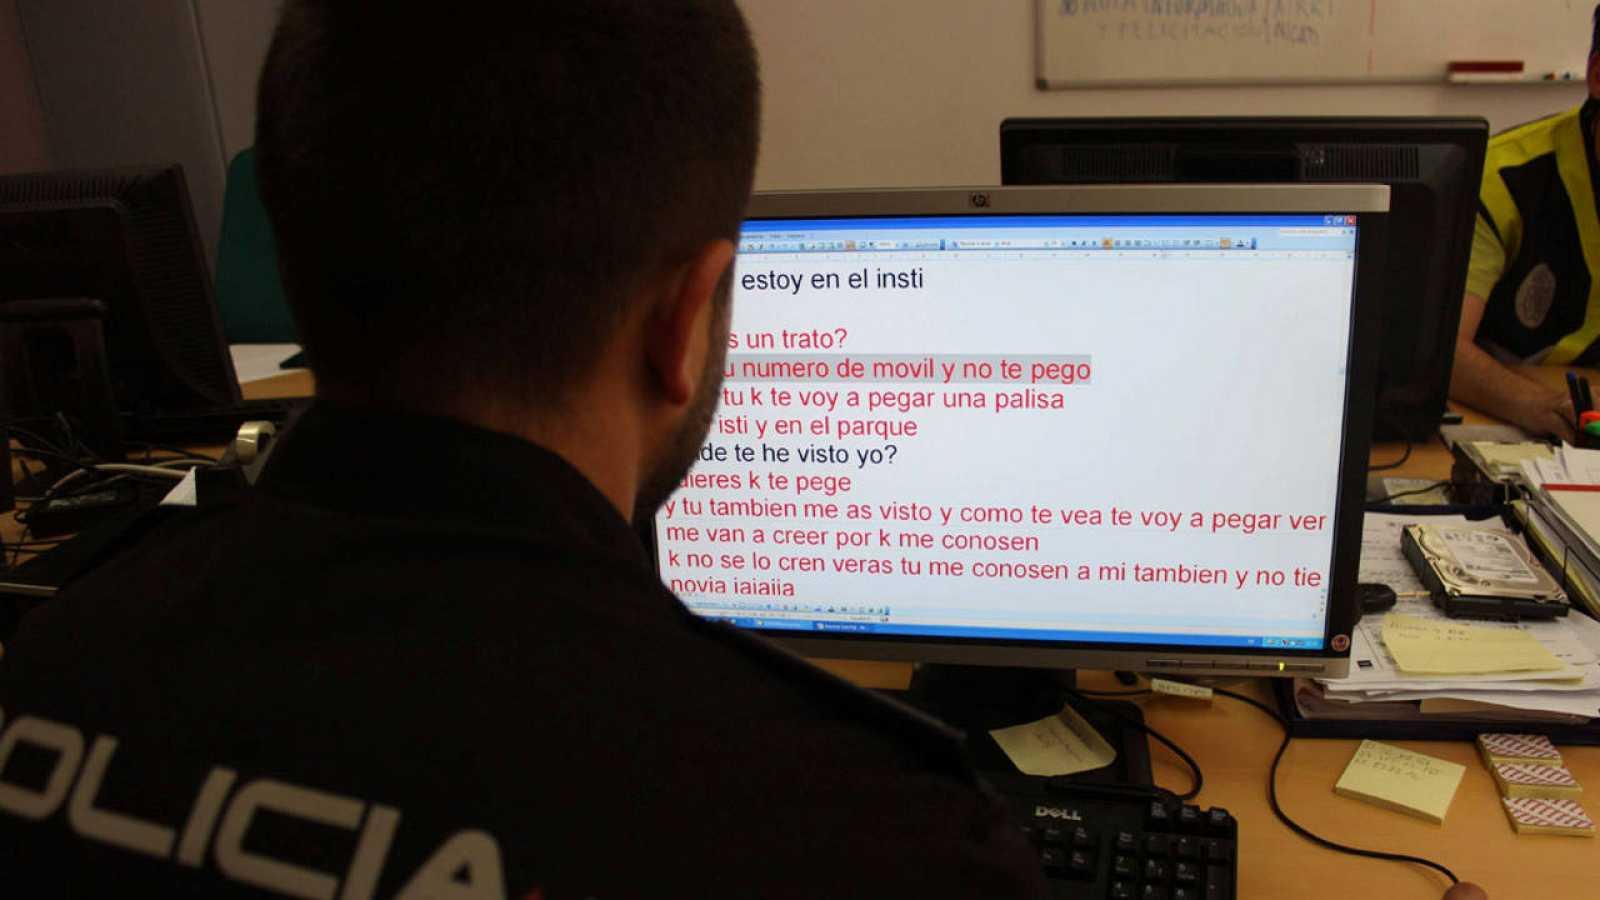 Resultado de imagen para operacion contra red pornografica en internet